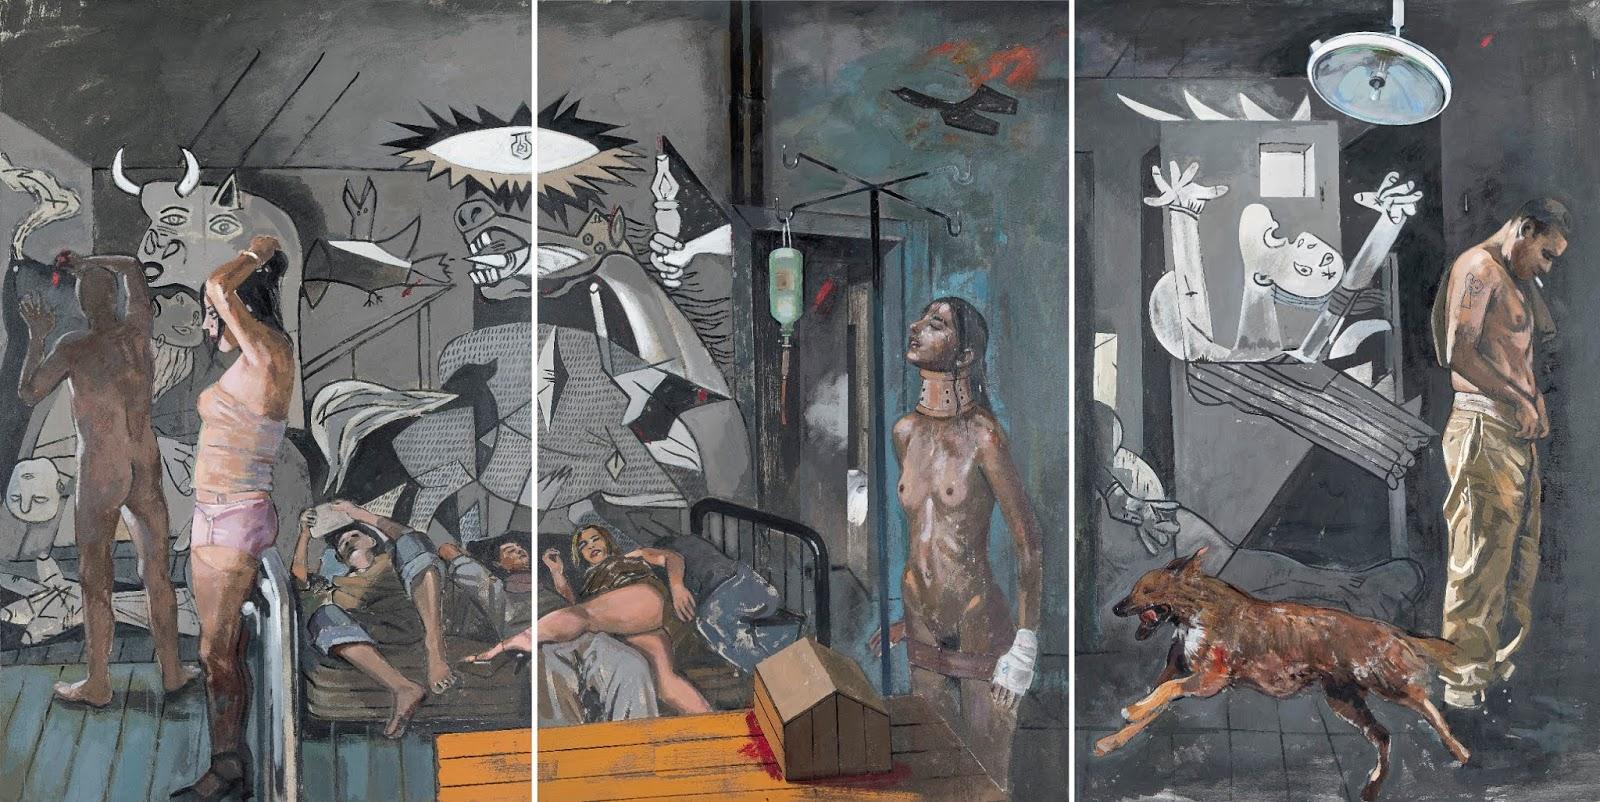 Εκδήλωση ανάρτησης του εμβληματικού έργου «Γκουέρνικα 1» στη Δημοτική Πινακοθήκη Λάρισας